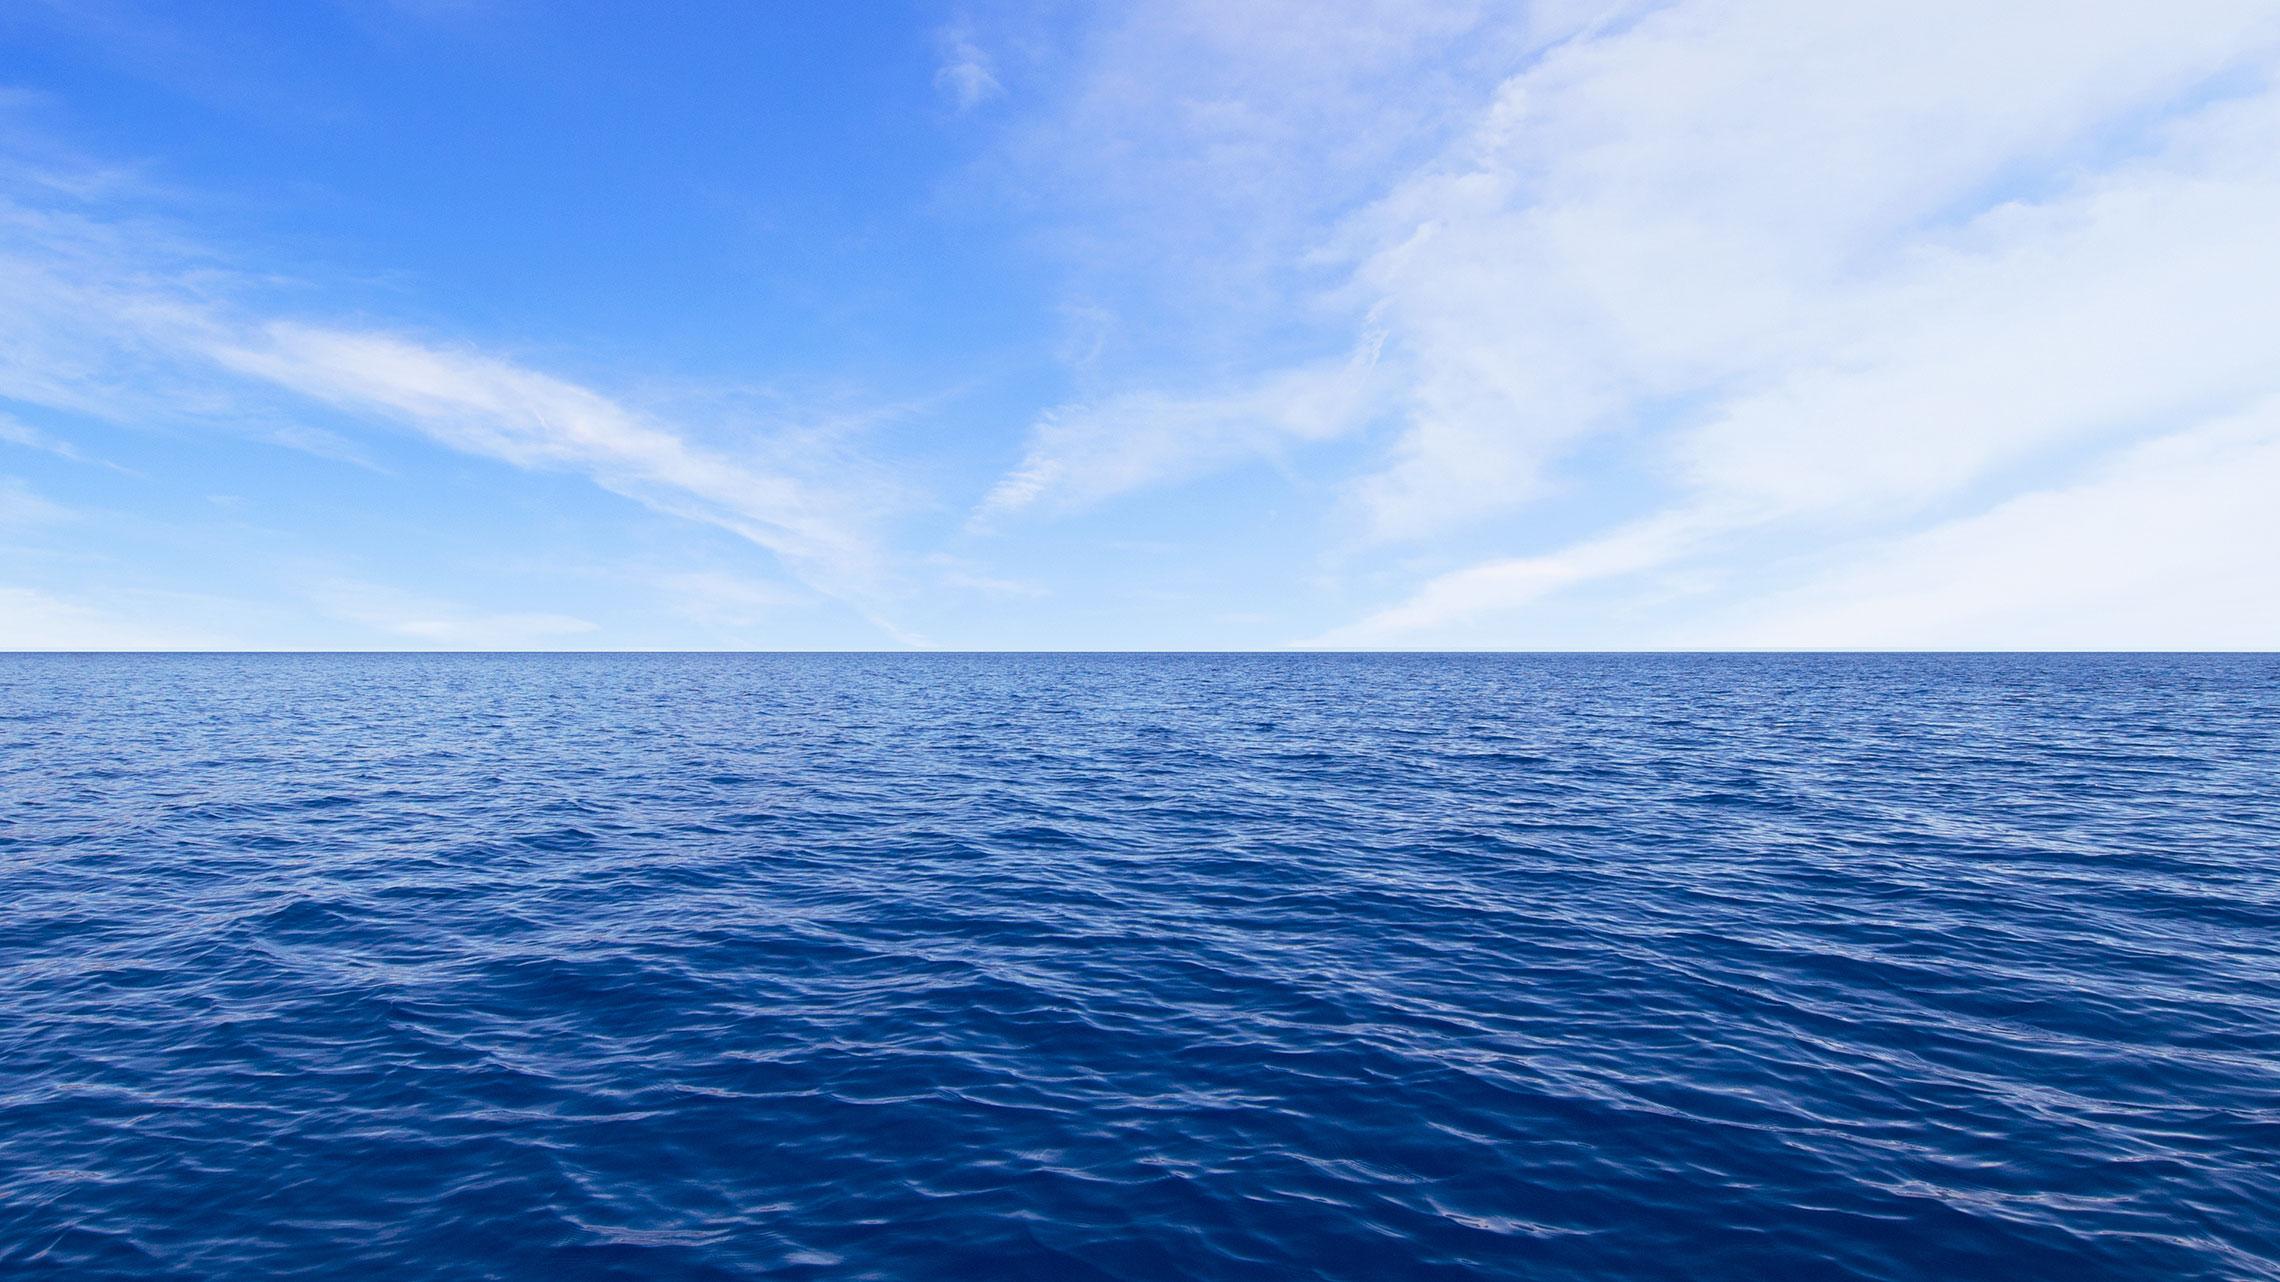 Oceans Business Week